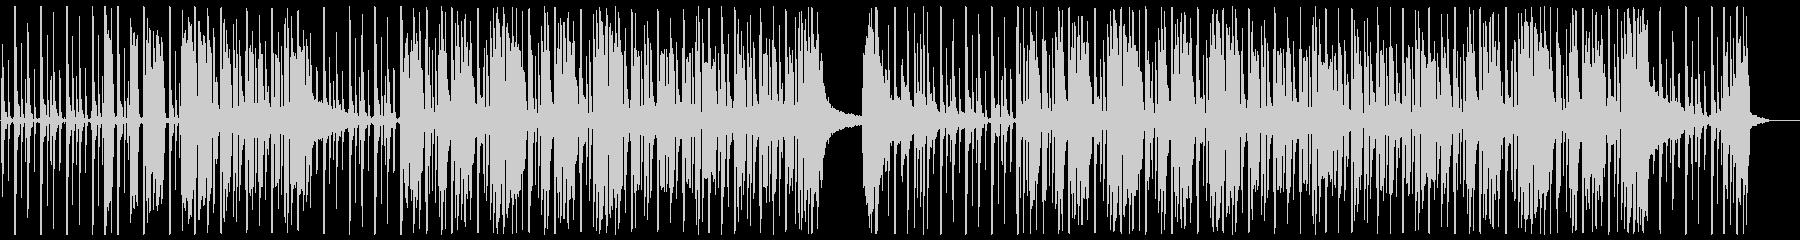 エレクトロとオーケストラの両方の要...の未再生の波形